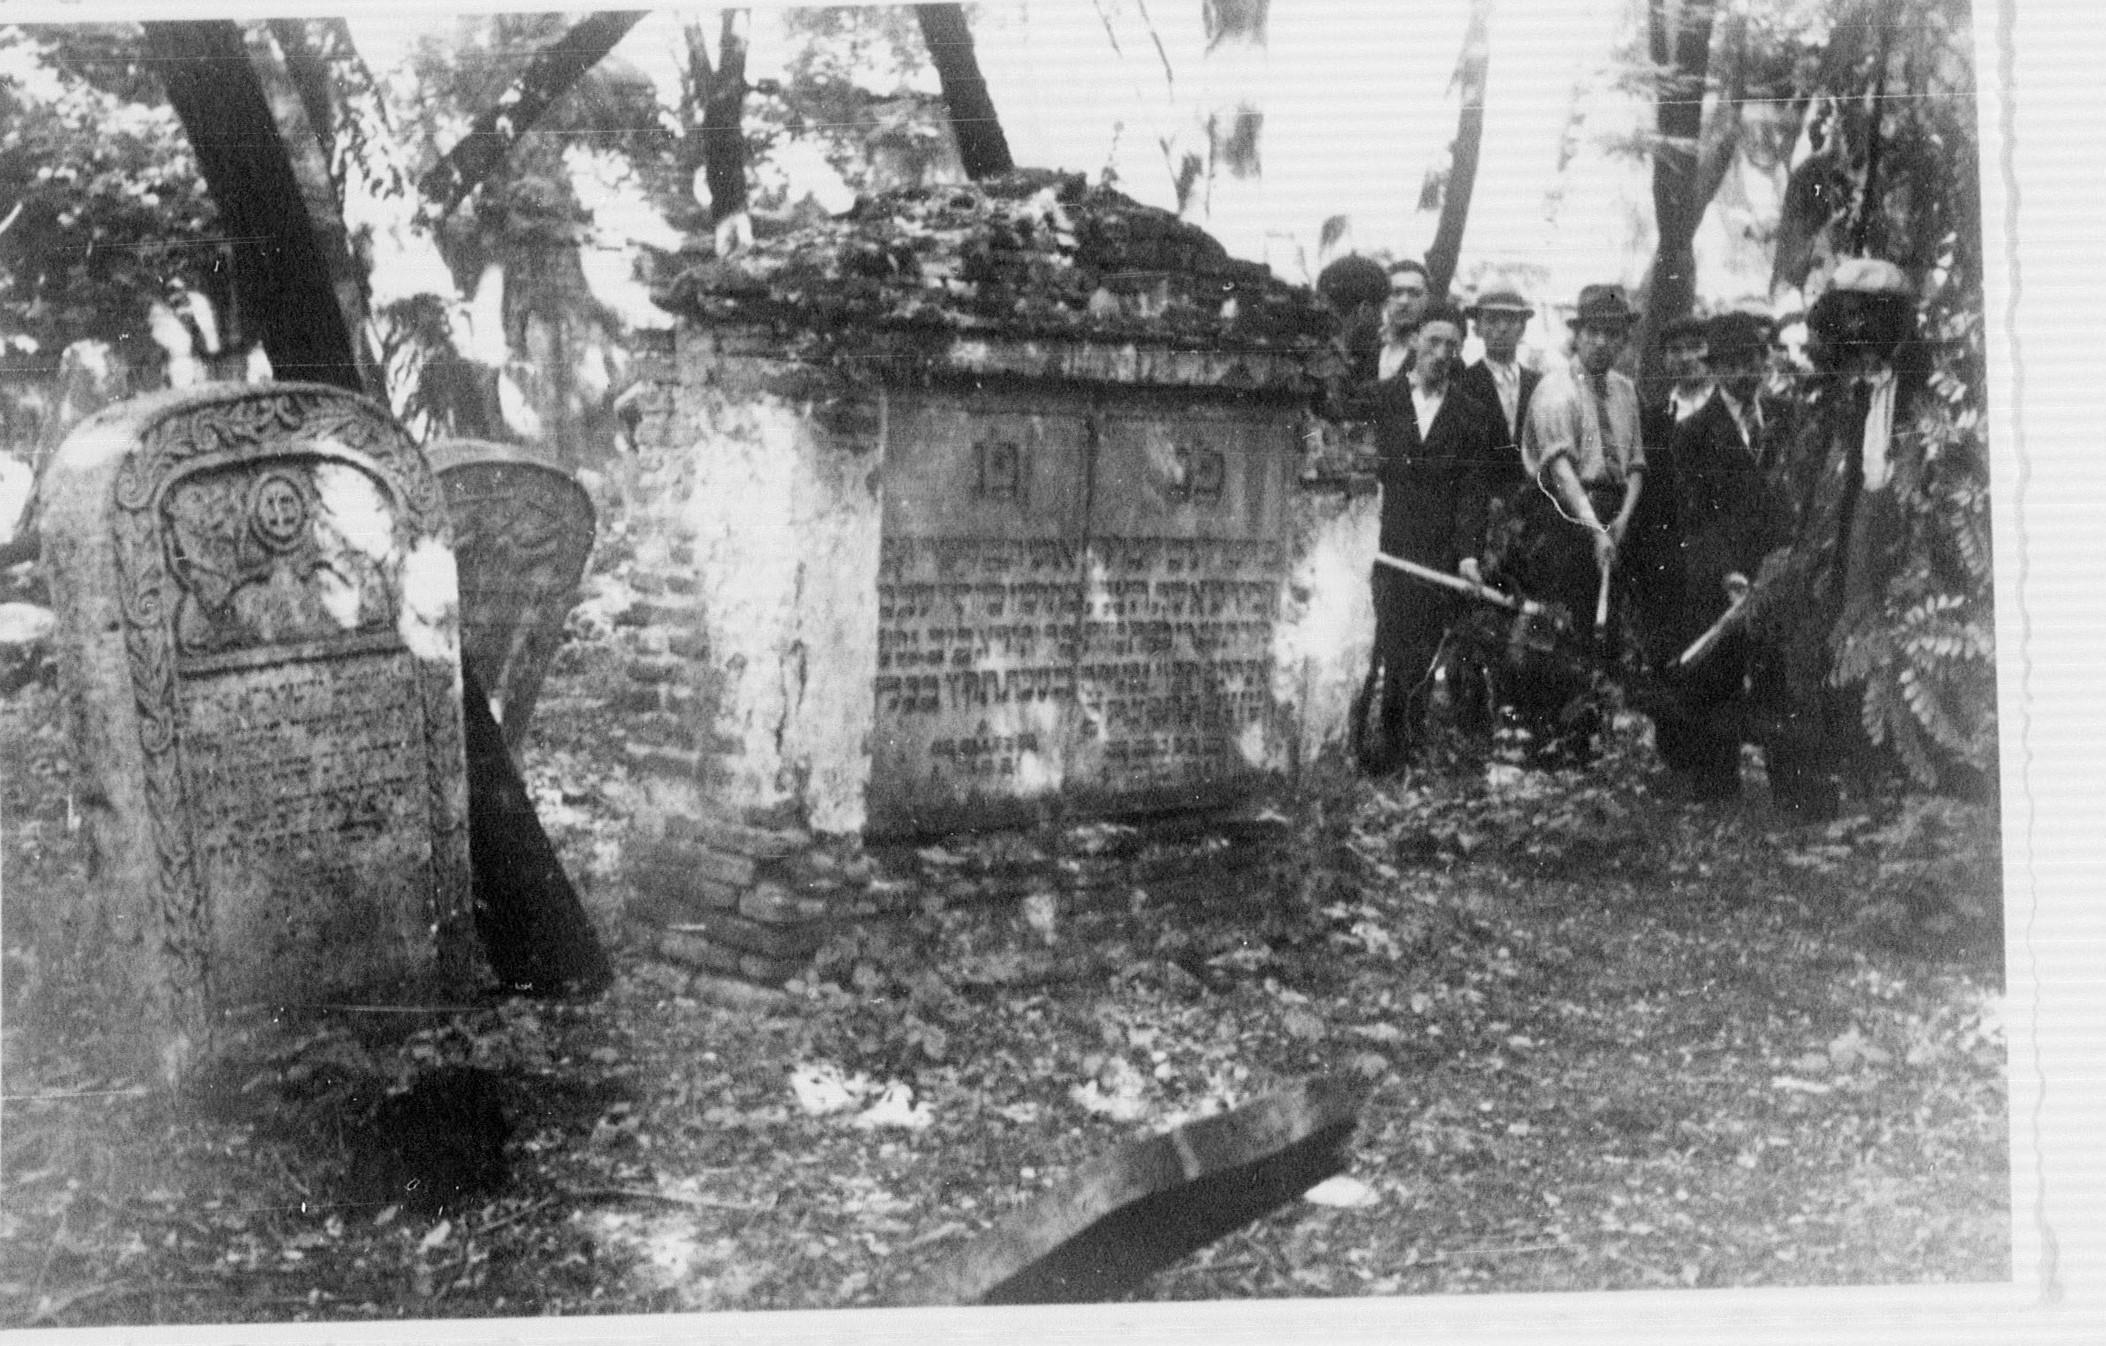 Evreii la munca obligatorie la dezafectarea cimitirului Sevastopol